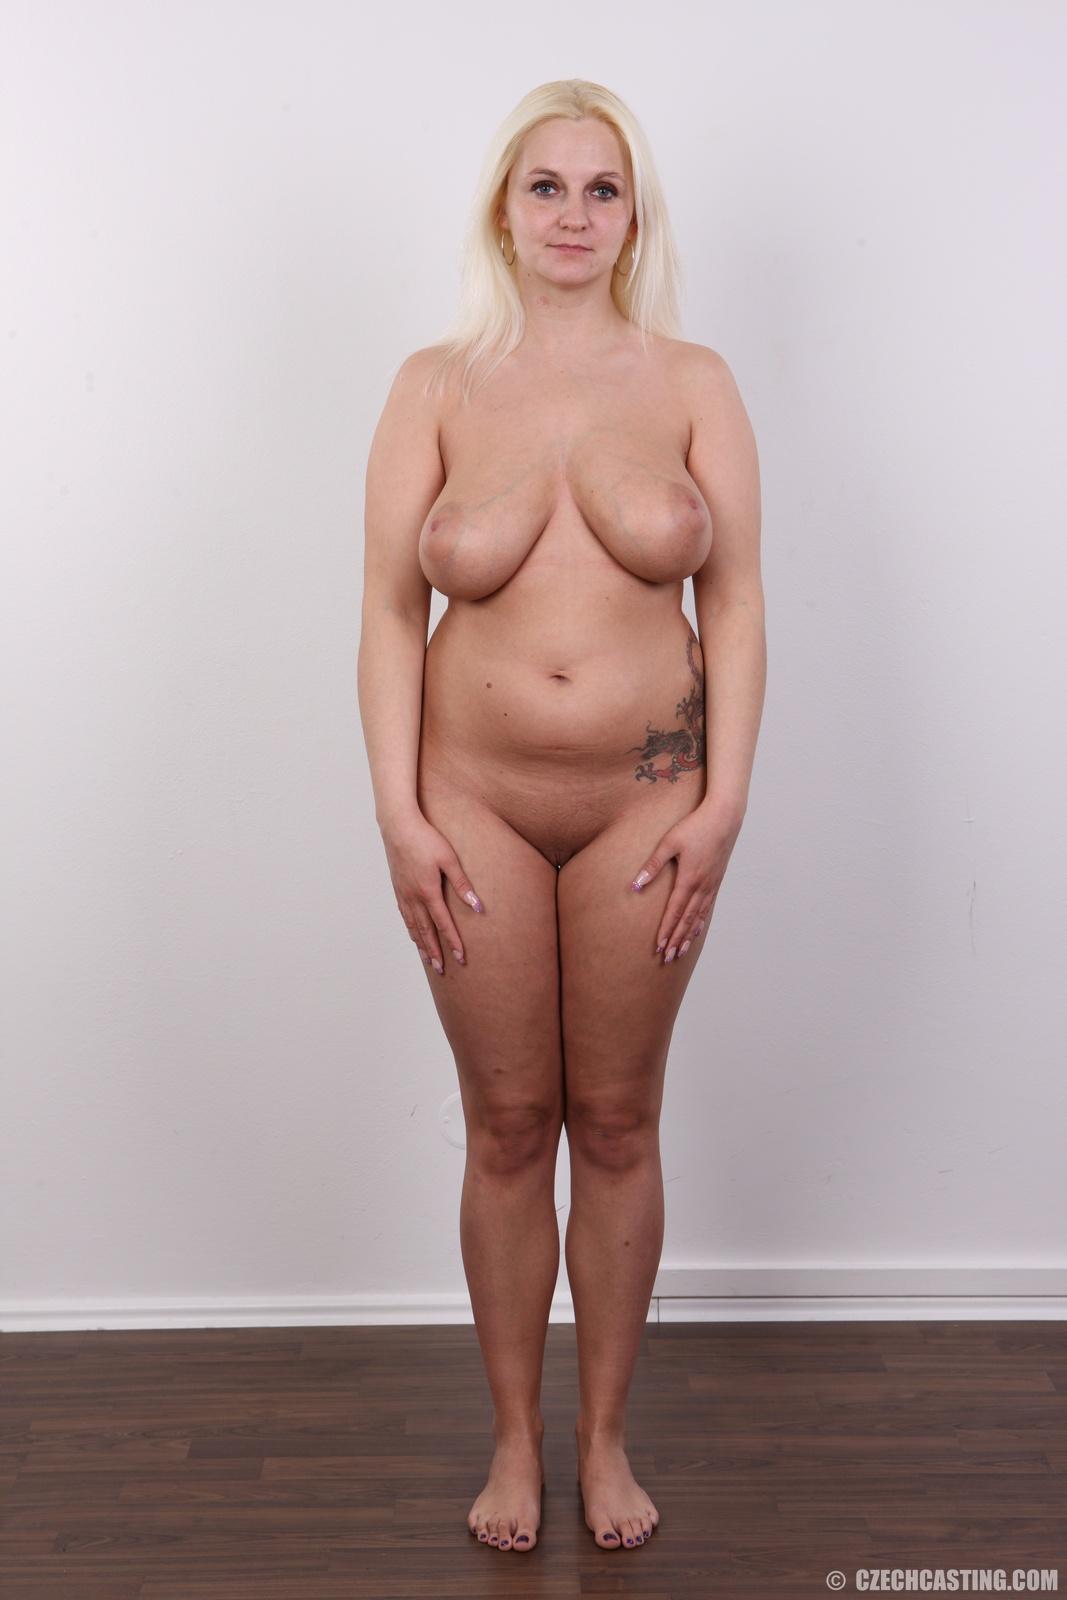 Girl with uneven boobs rides dildo